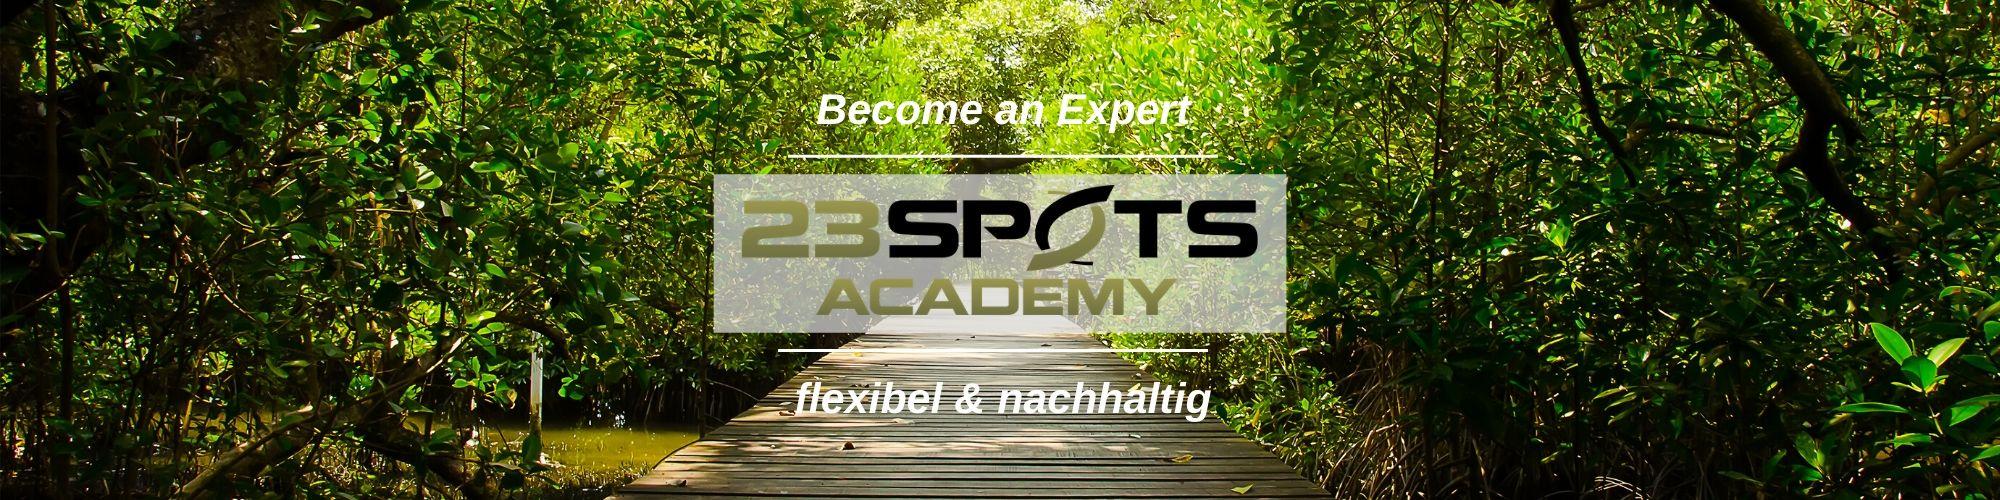 23Spots Academy, Freizeit- u. Tourimuswissen